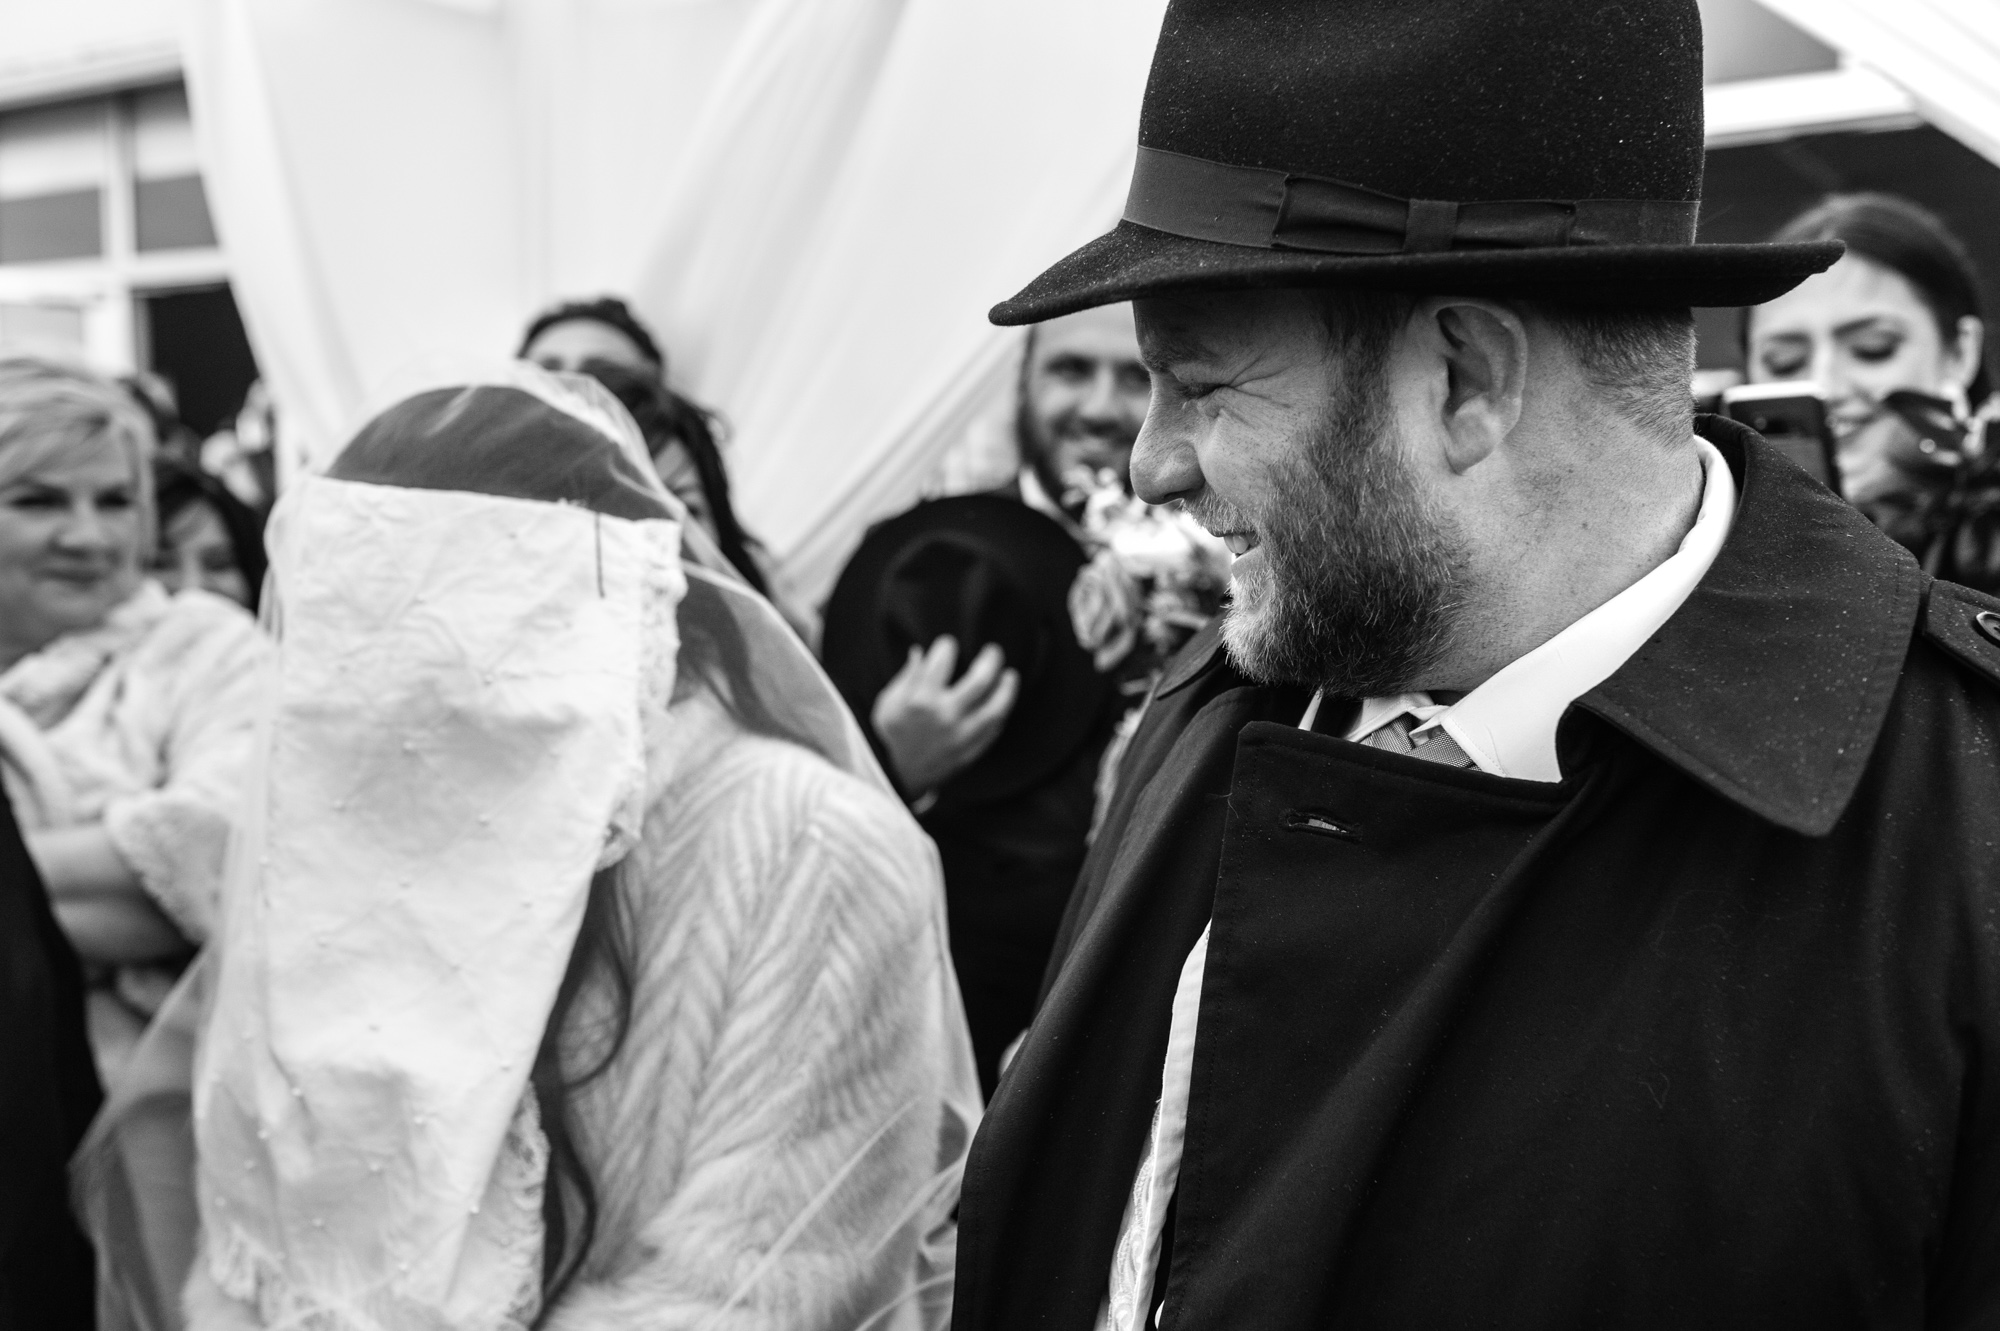 john-henry-wedding-photographer-aaron-devorah-the-lookout-057.JPG